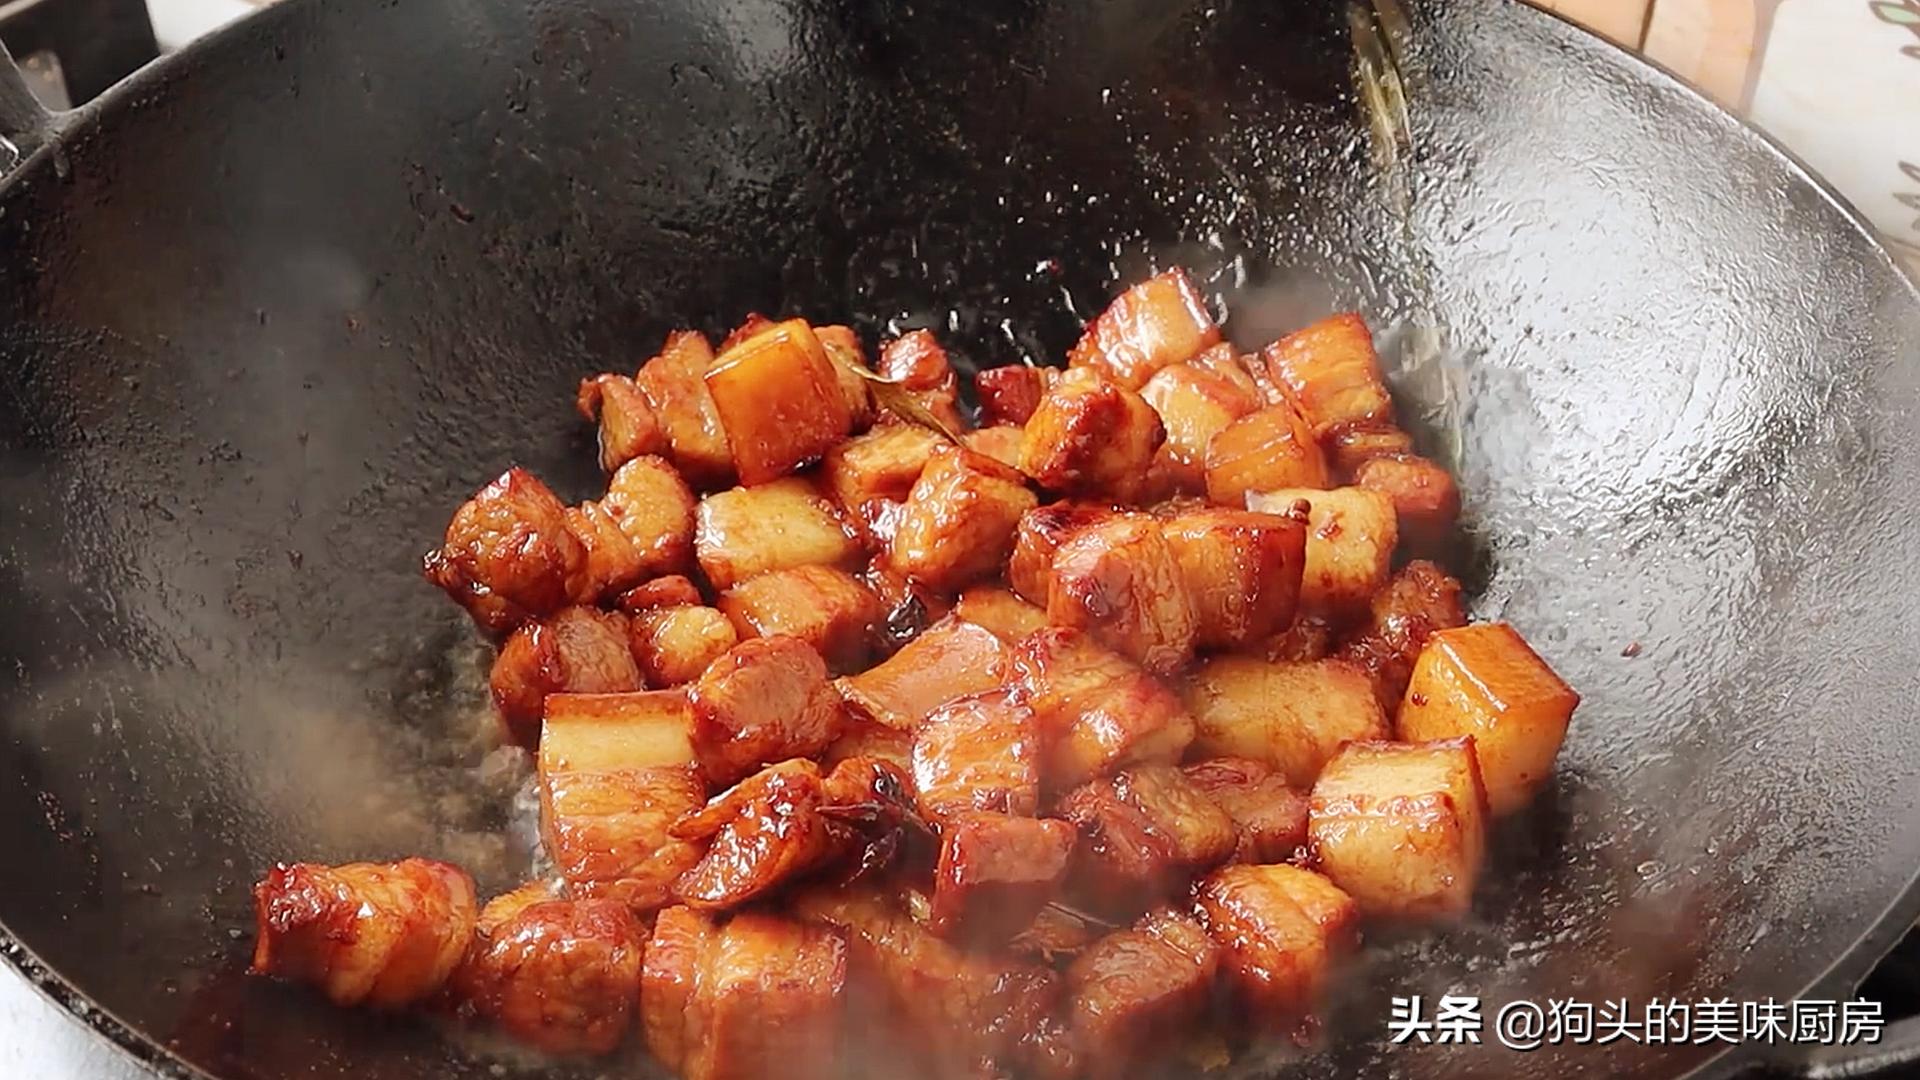 做红烧肉时,掌握这些小技巧,红烧肉不腥不柴,软烂入味口感好 美食做法 第11张